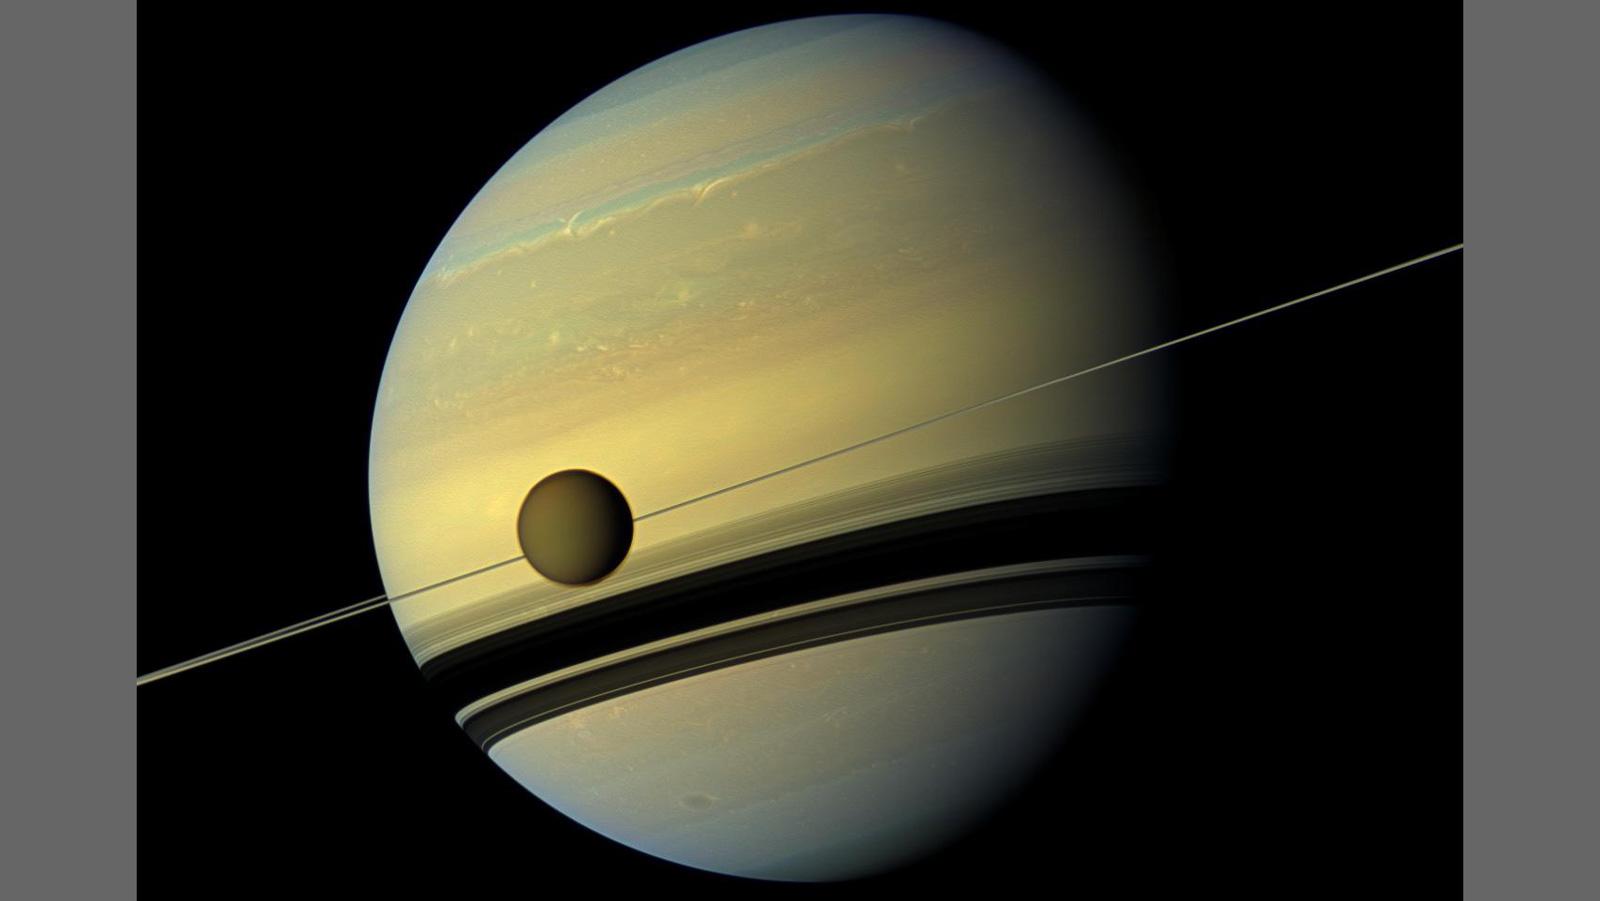 Titán se está alejando de Saturno 100 veces más rápido de lo que se pensaba